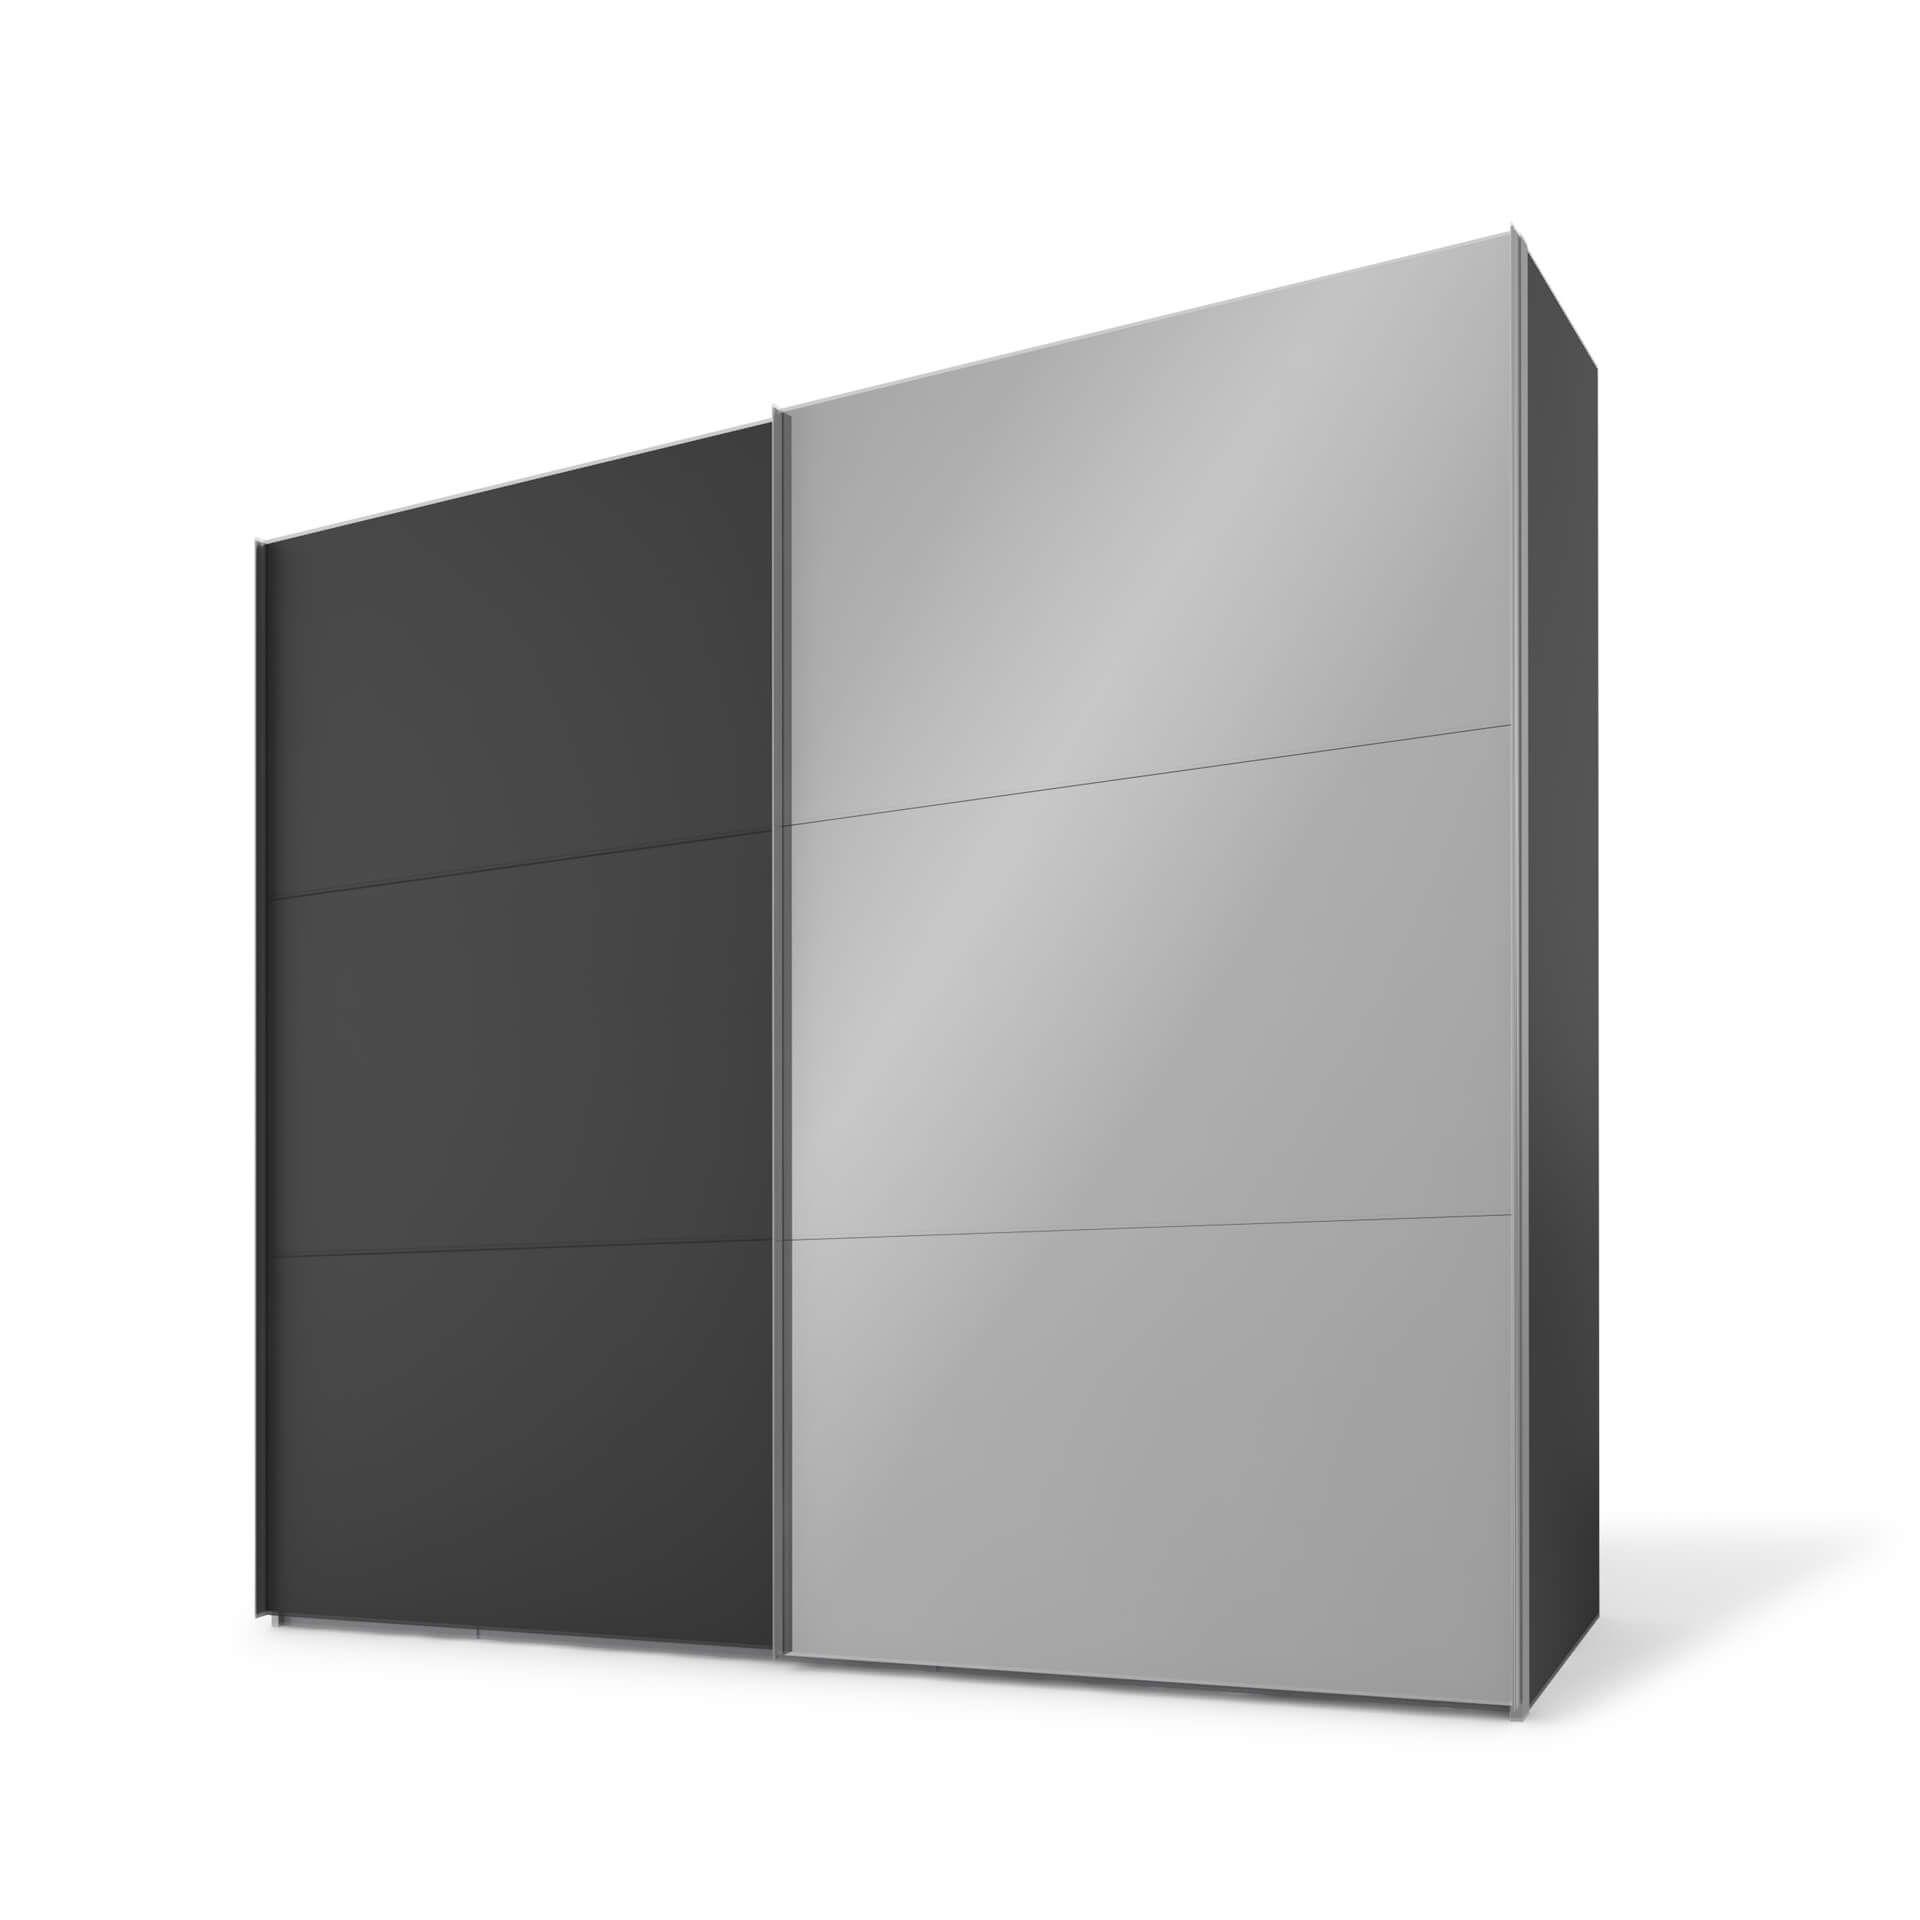 Nolte swift Schuifdeurkast - 2 deurs 250 cm Basalt